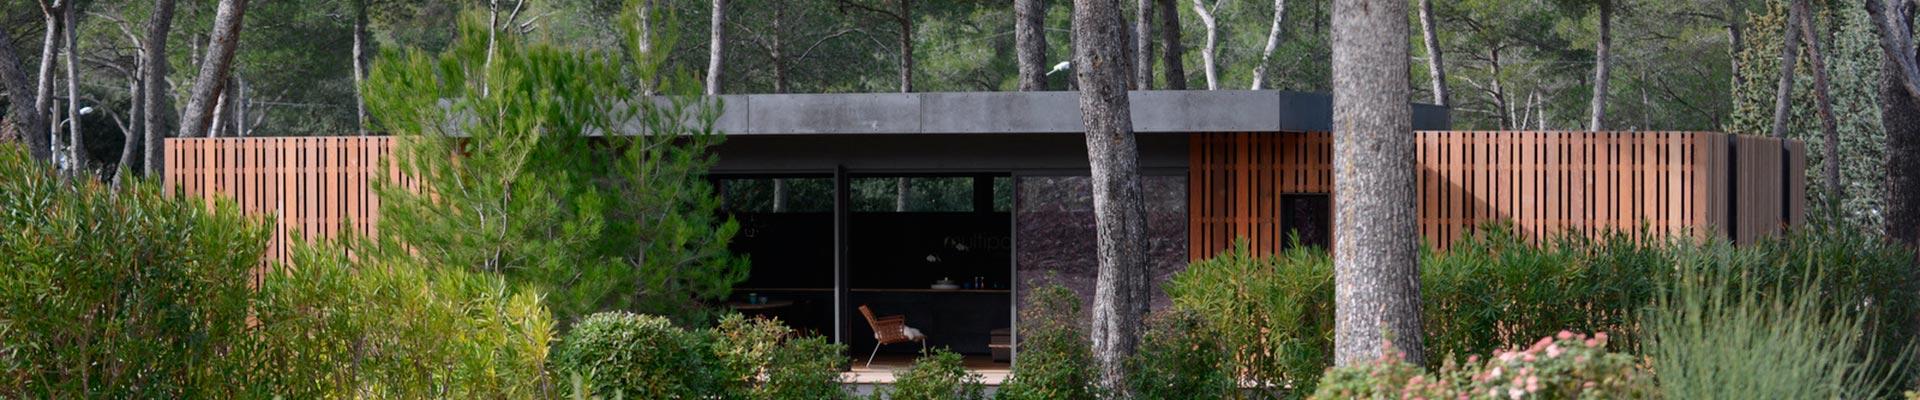 vid o bien loin d 39 ici. Black Bedroom Furniture Sets. Home Design Ideas